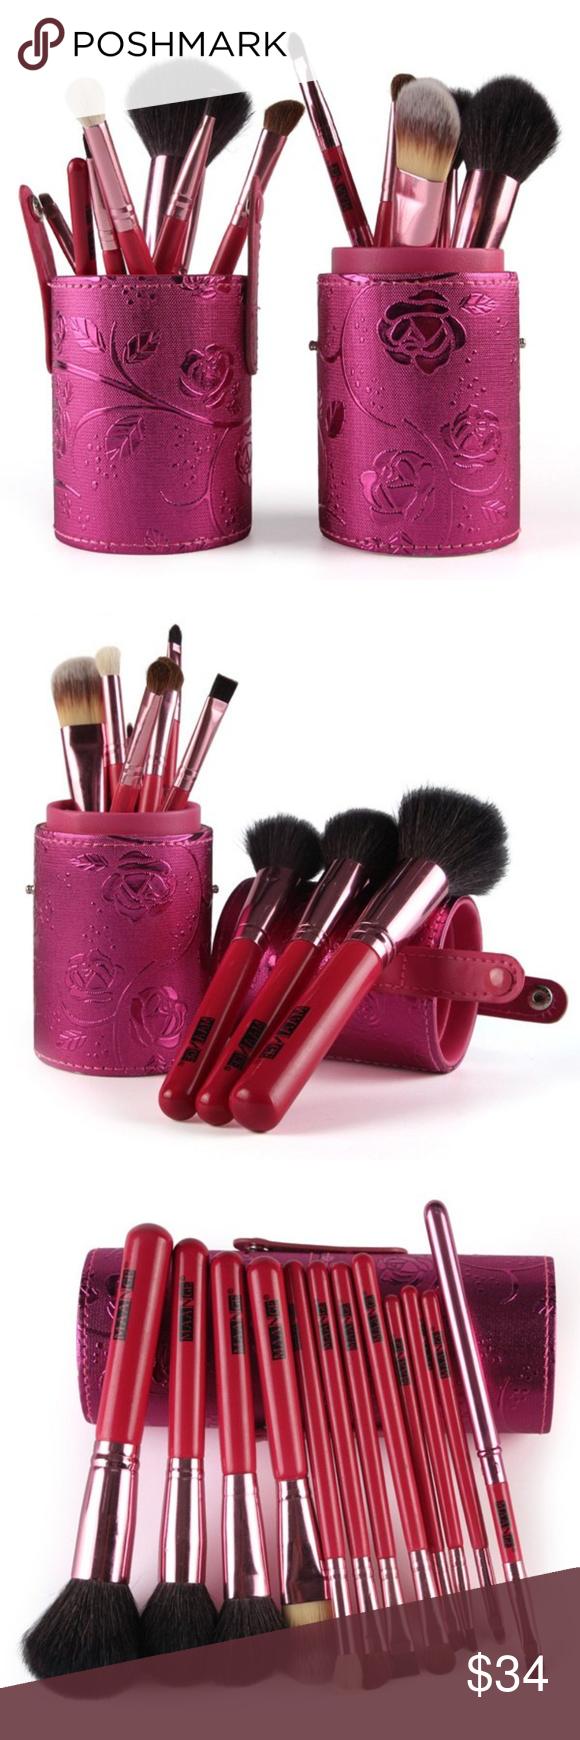 12 Piece Set Makeup Brushes Natural & Synthetic Set